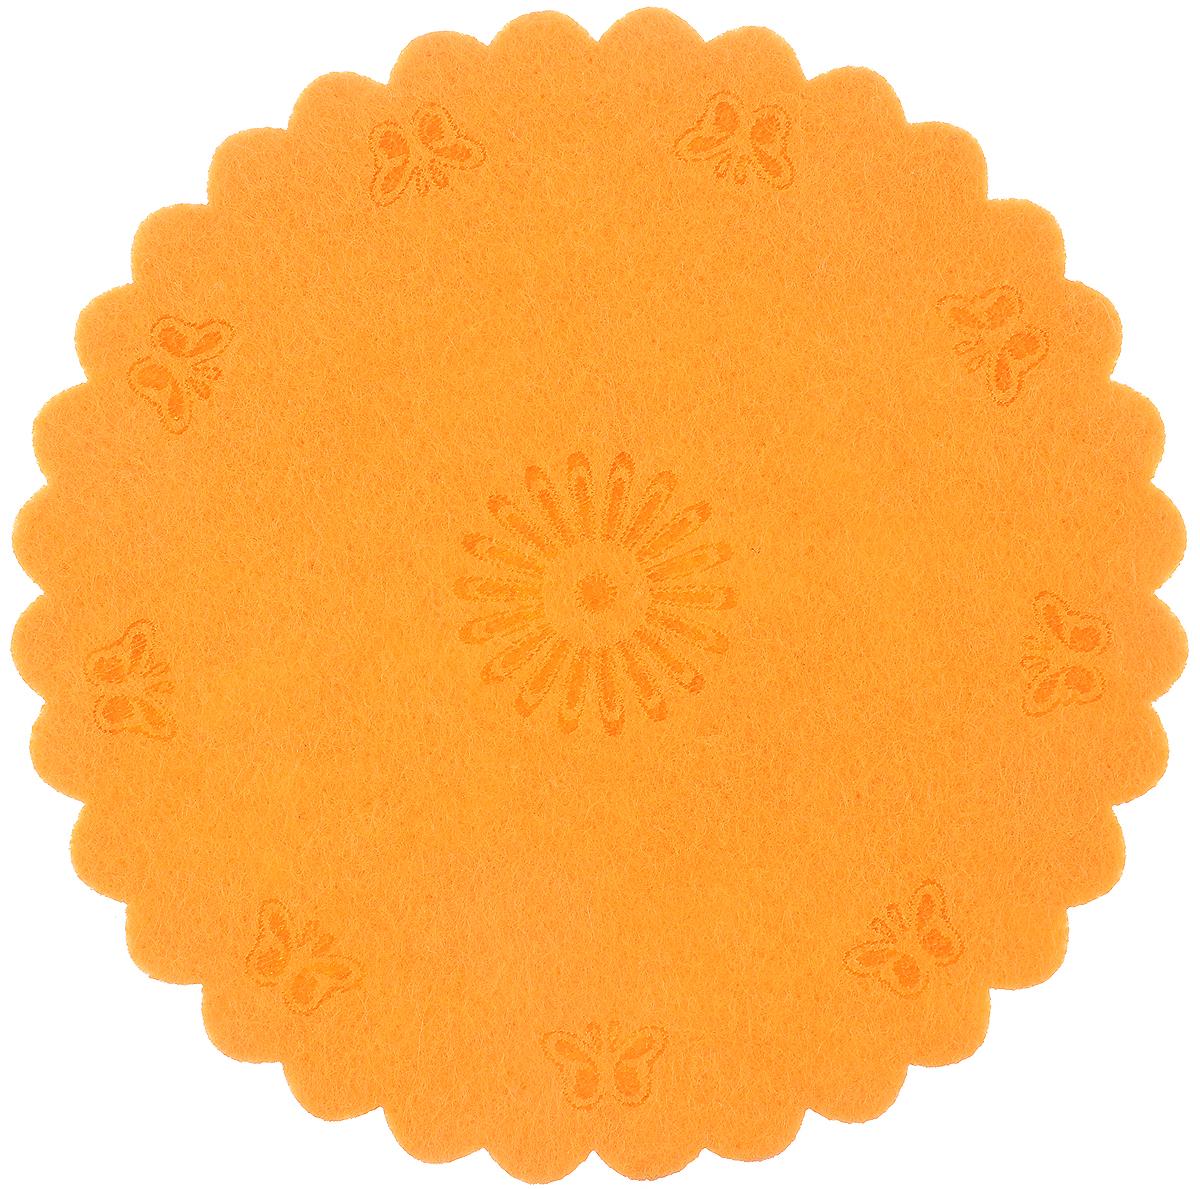 Украшение декоративное RTO Круг, цвет: оранжевый, диаметр 12 смFTD-91Декоративное украшение RTO Круг предназначено для оформления интерьера. Изделие выполнено из высококачественного фетра в виде круга с нанесенными декоративными элементами. Декоративное украшение послужит приятным и полезным сувениром для близких и знакомых и, несомненно, доставит массу положительных эмоций своему обладателю.